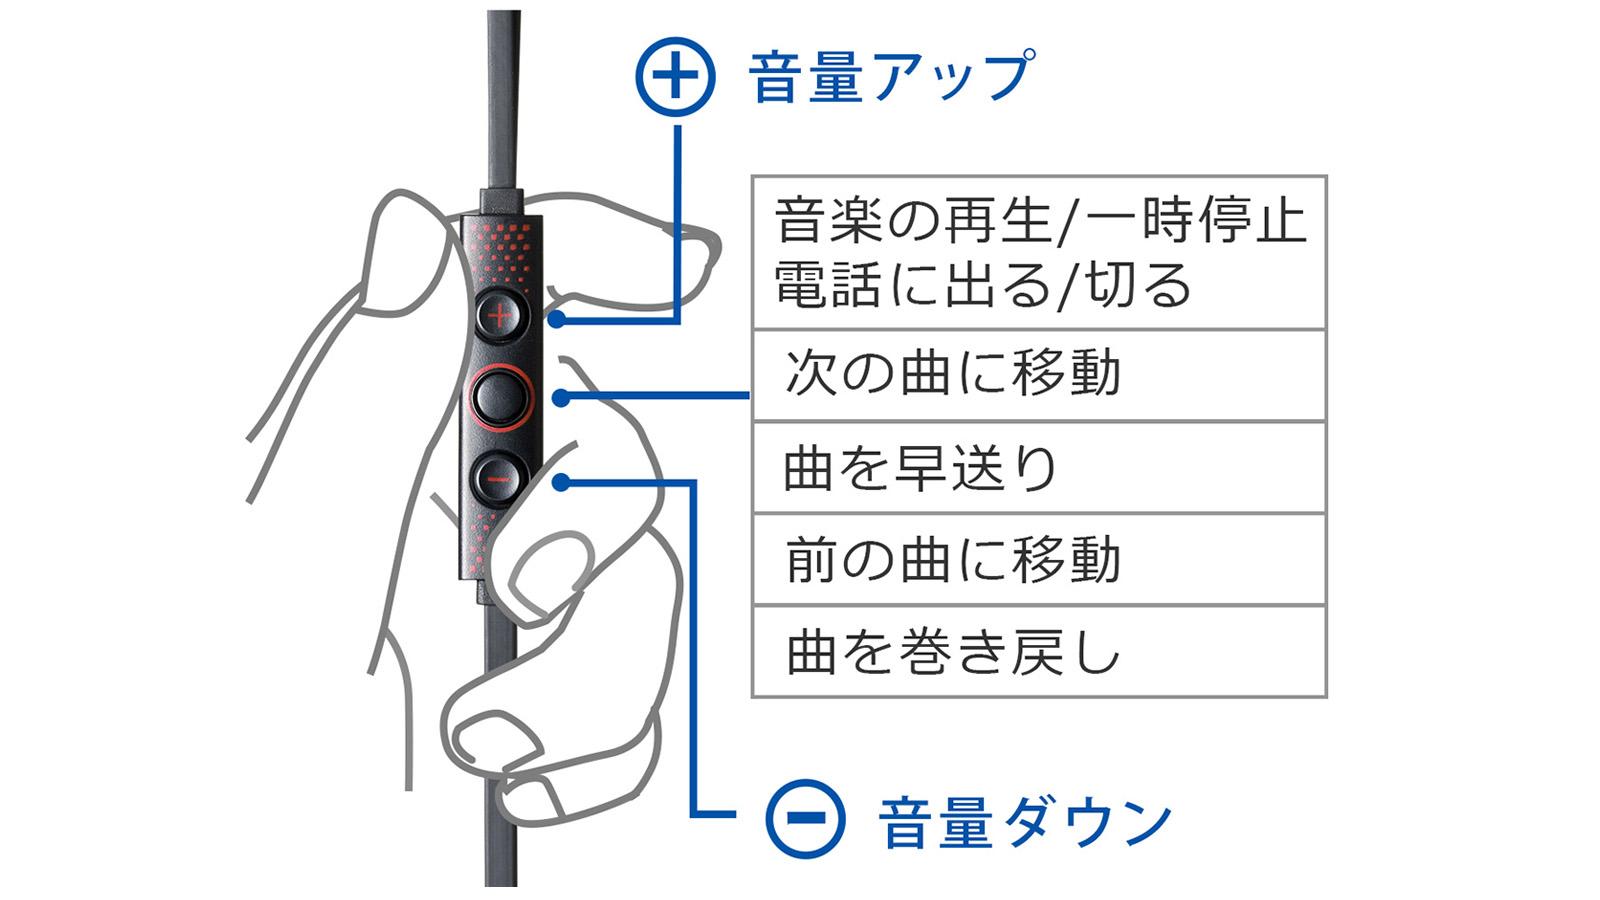 サンワサプライ Lightningイヤホン 400-HPL001SV コントローラー